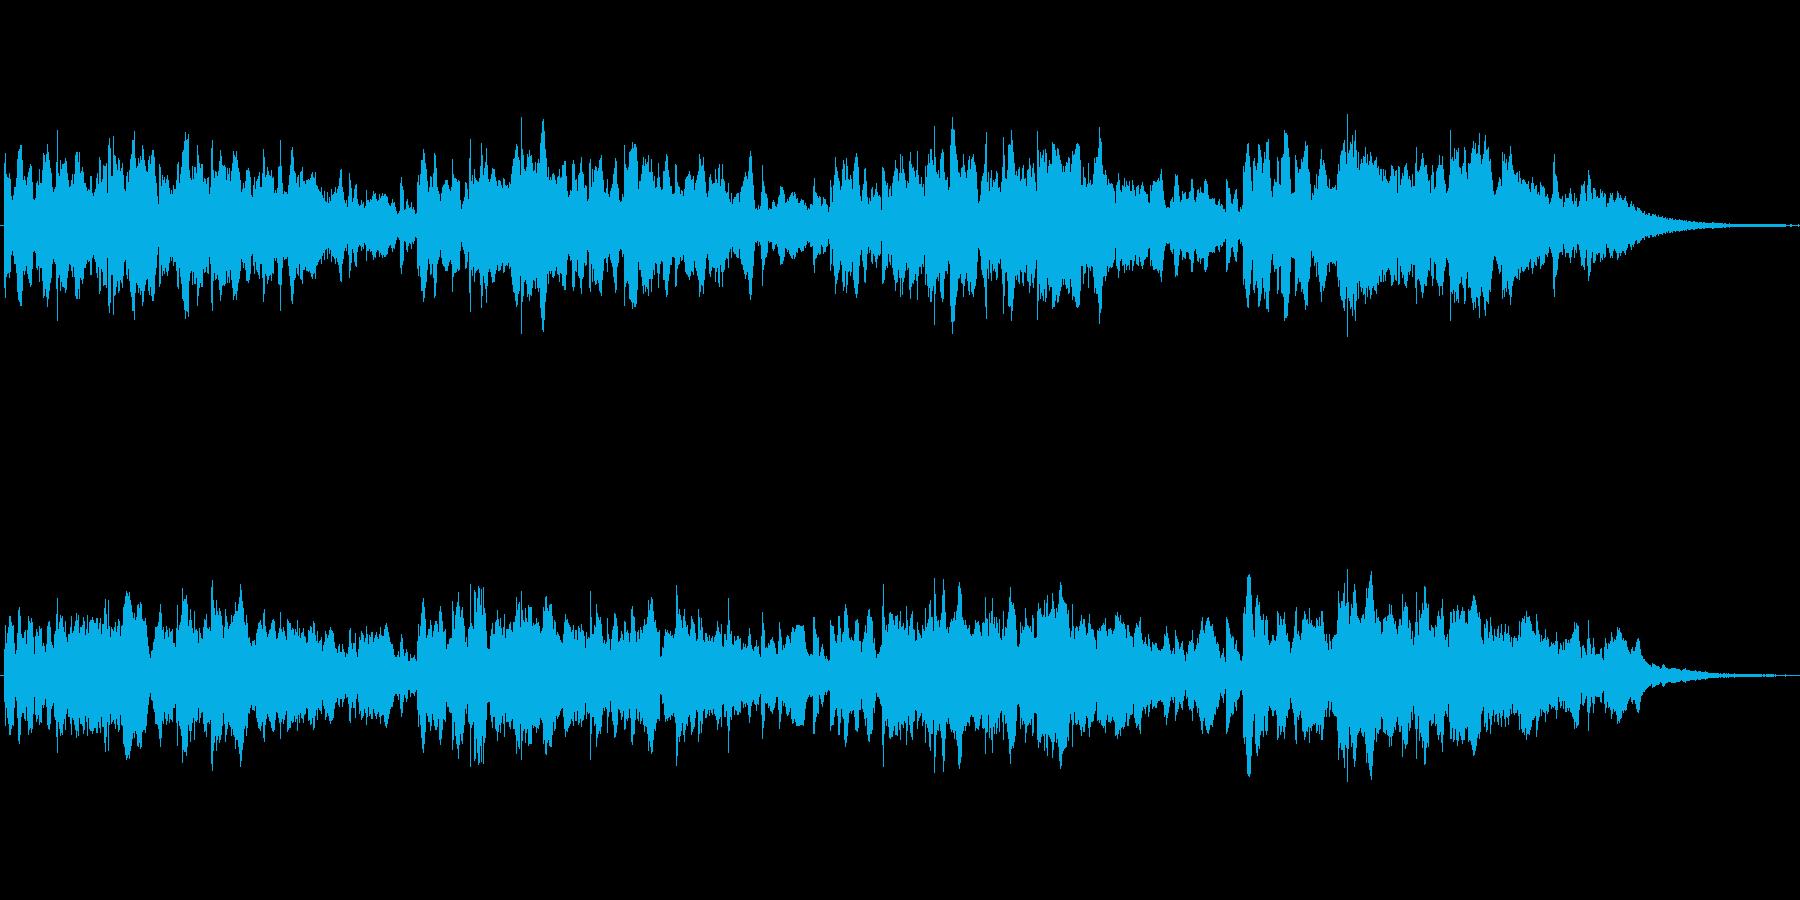 シンセによるメルヘンの世界的なジングル2の再生済みの波形